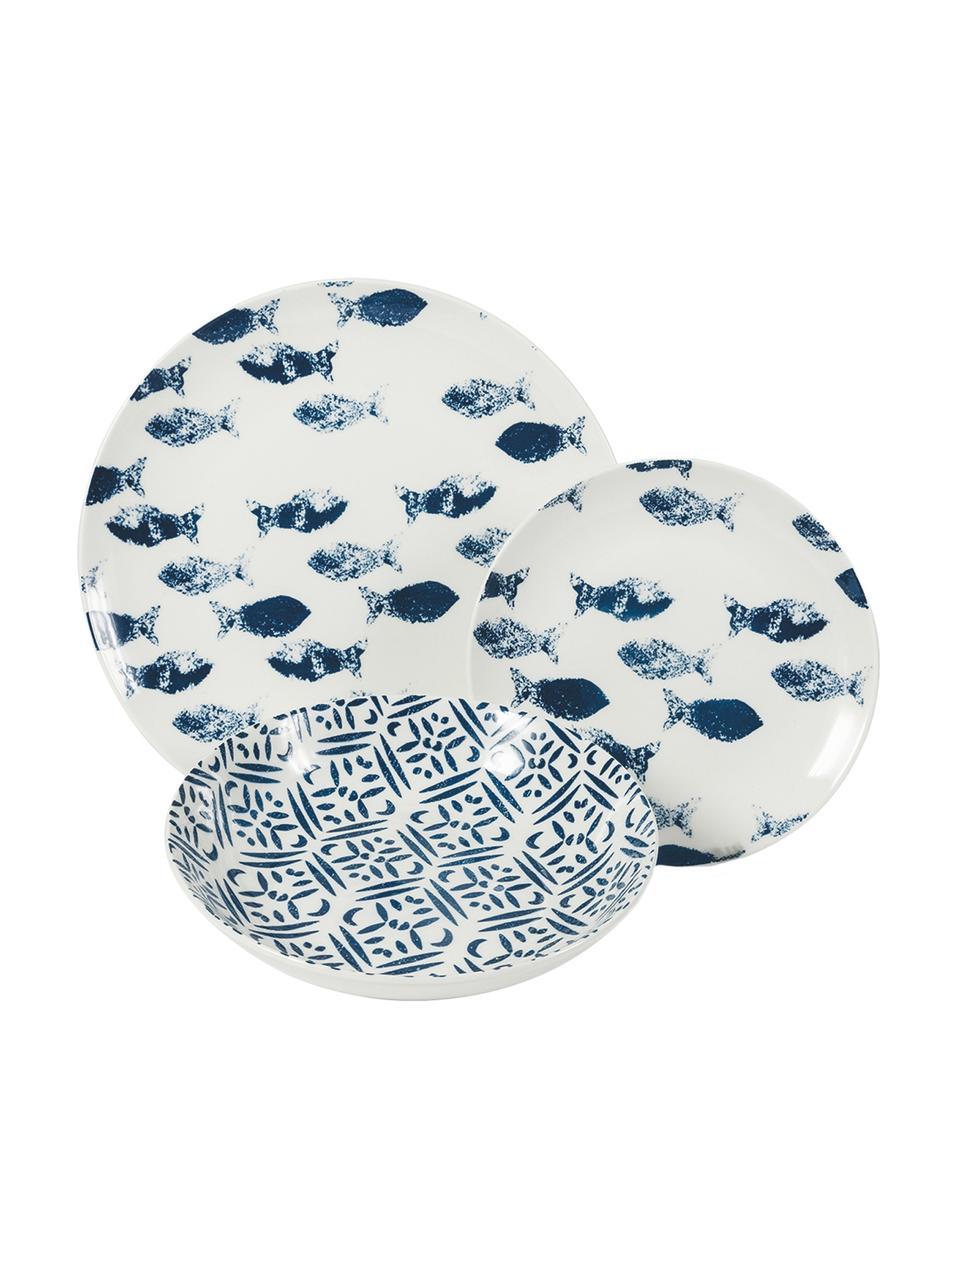 Set di piatti Playa per 6 persone 18 pz, Porcellana, Blu, bianco, Set in varie misure